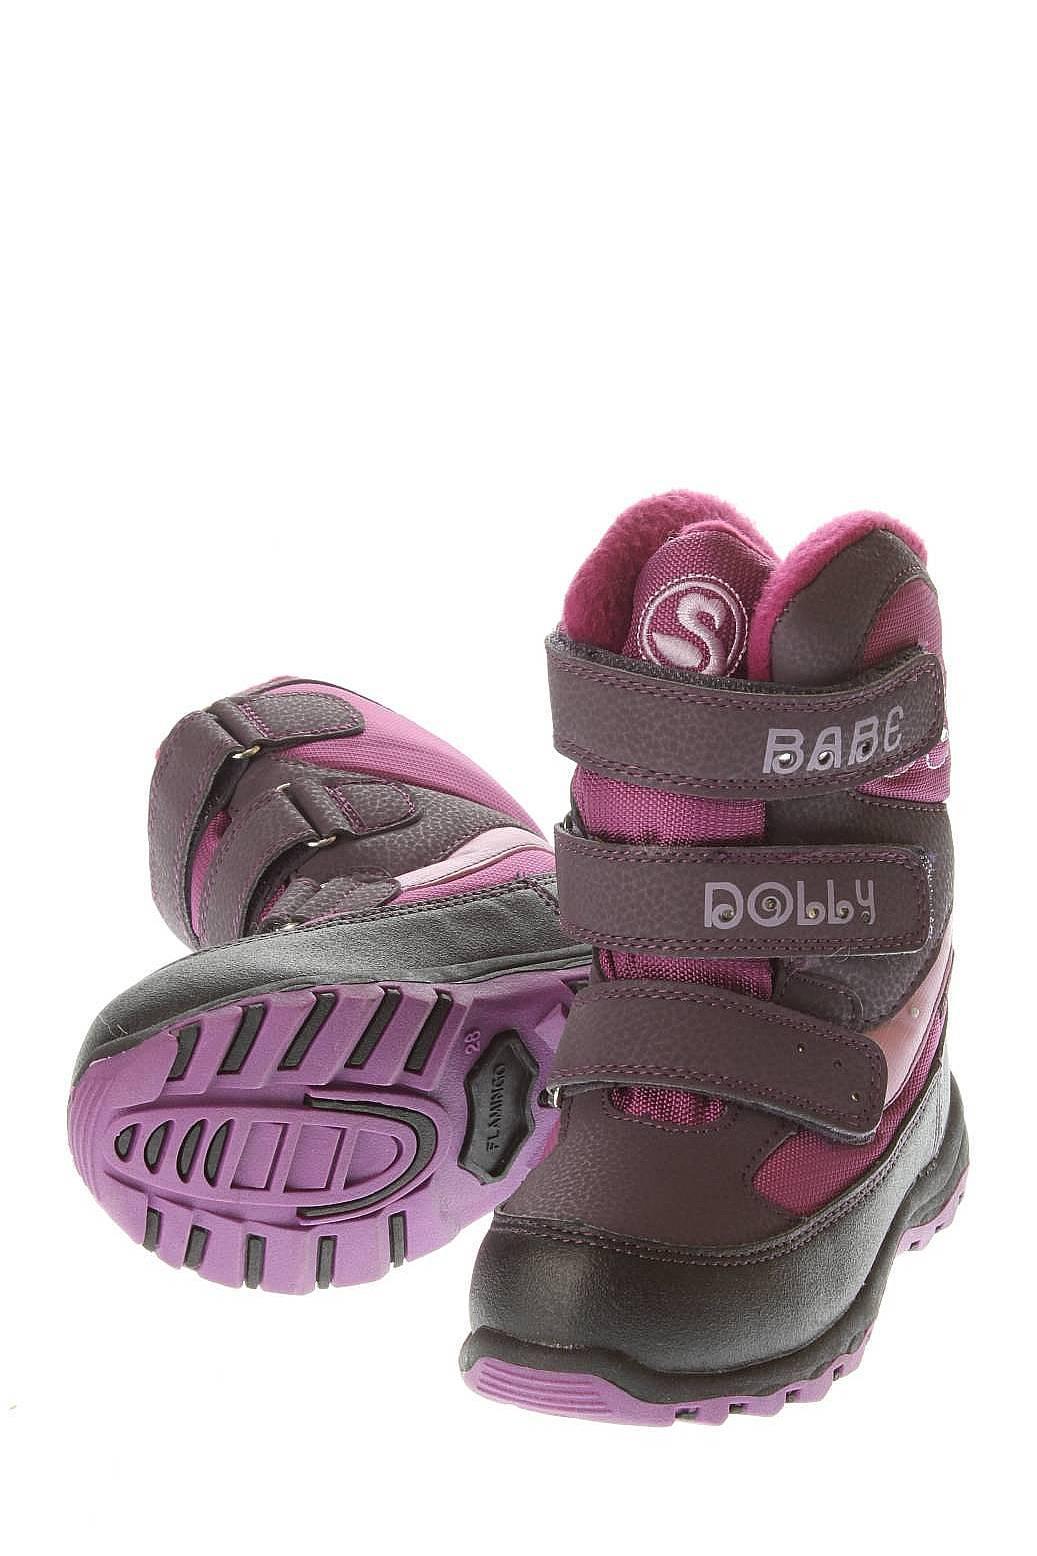 Мужская Обувь Детская Обувь Ботинки, Ботильоны: Flamingo Обувь